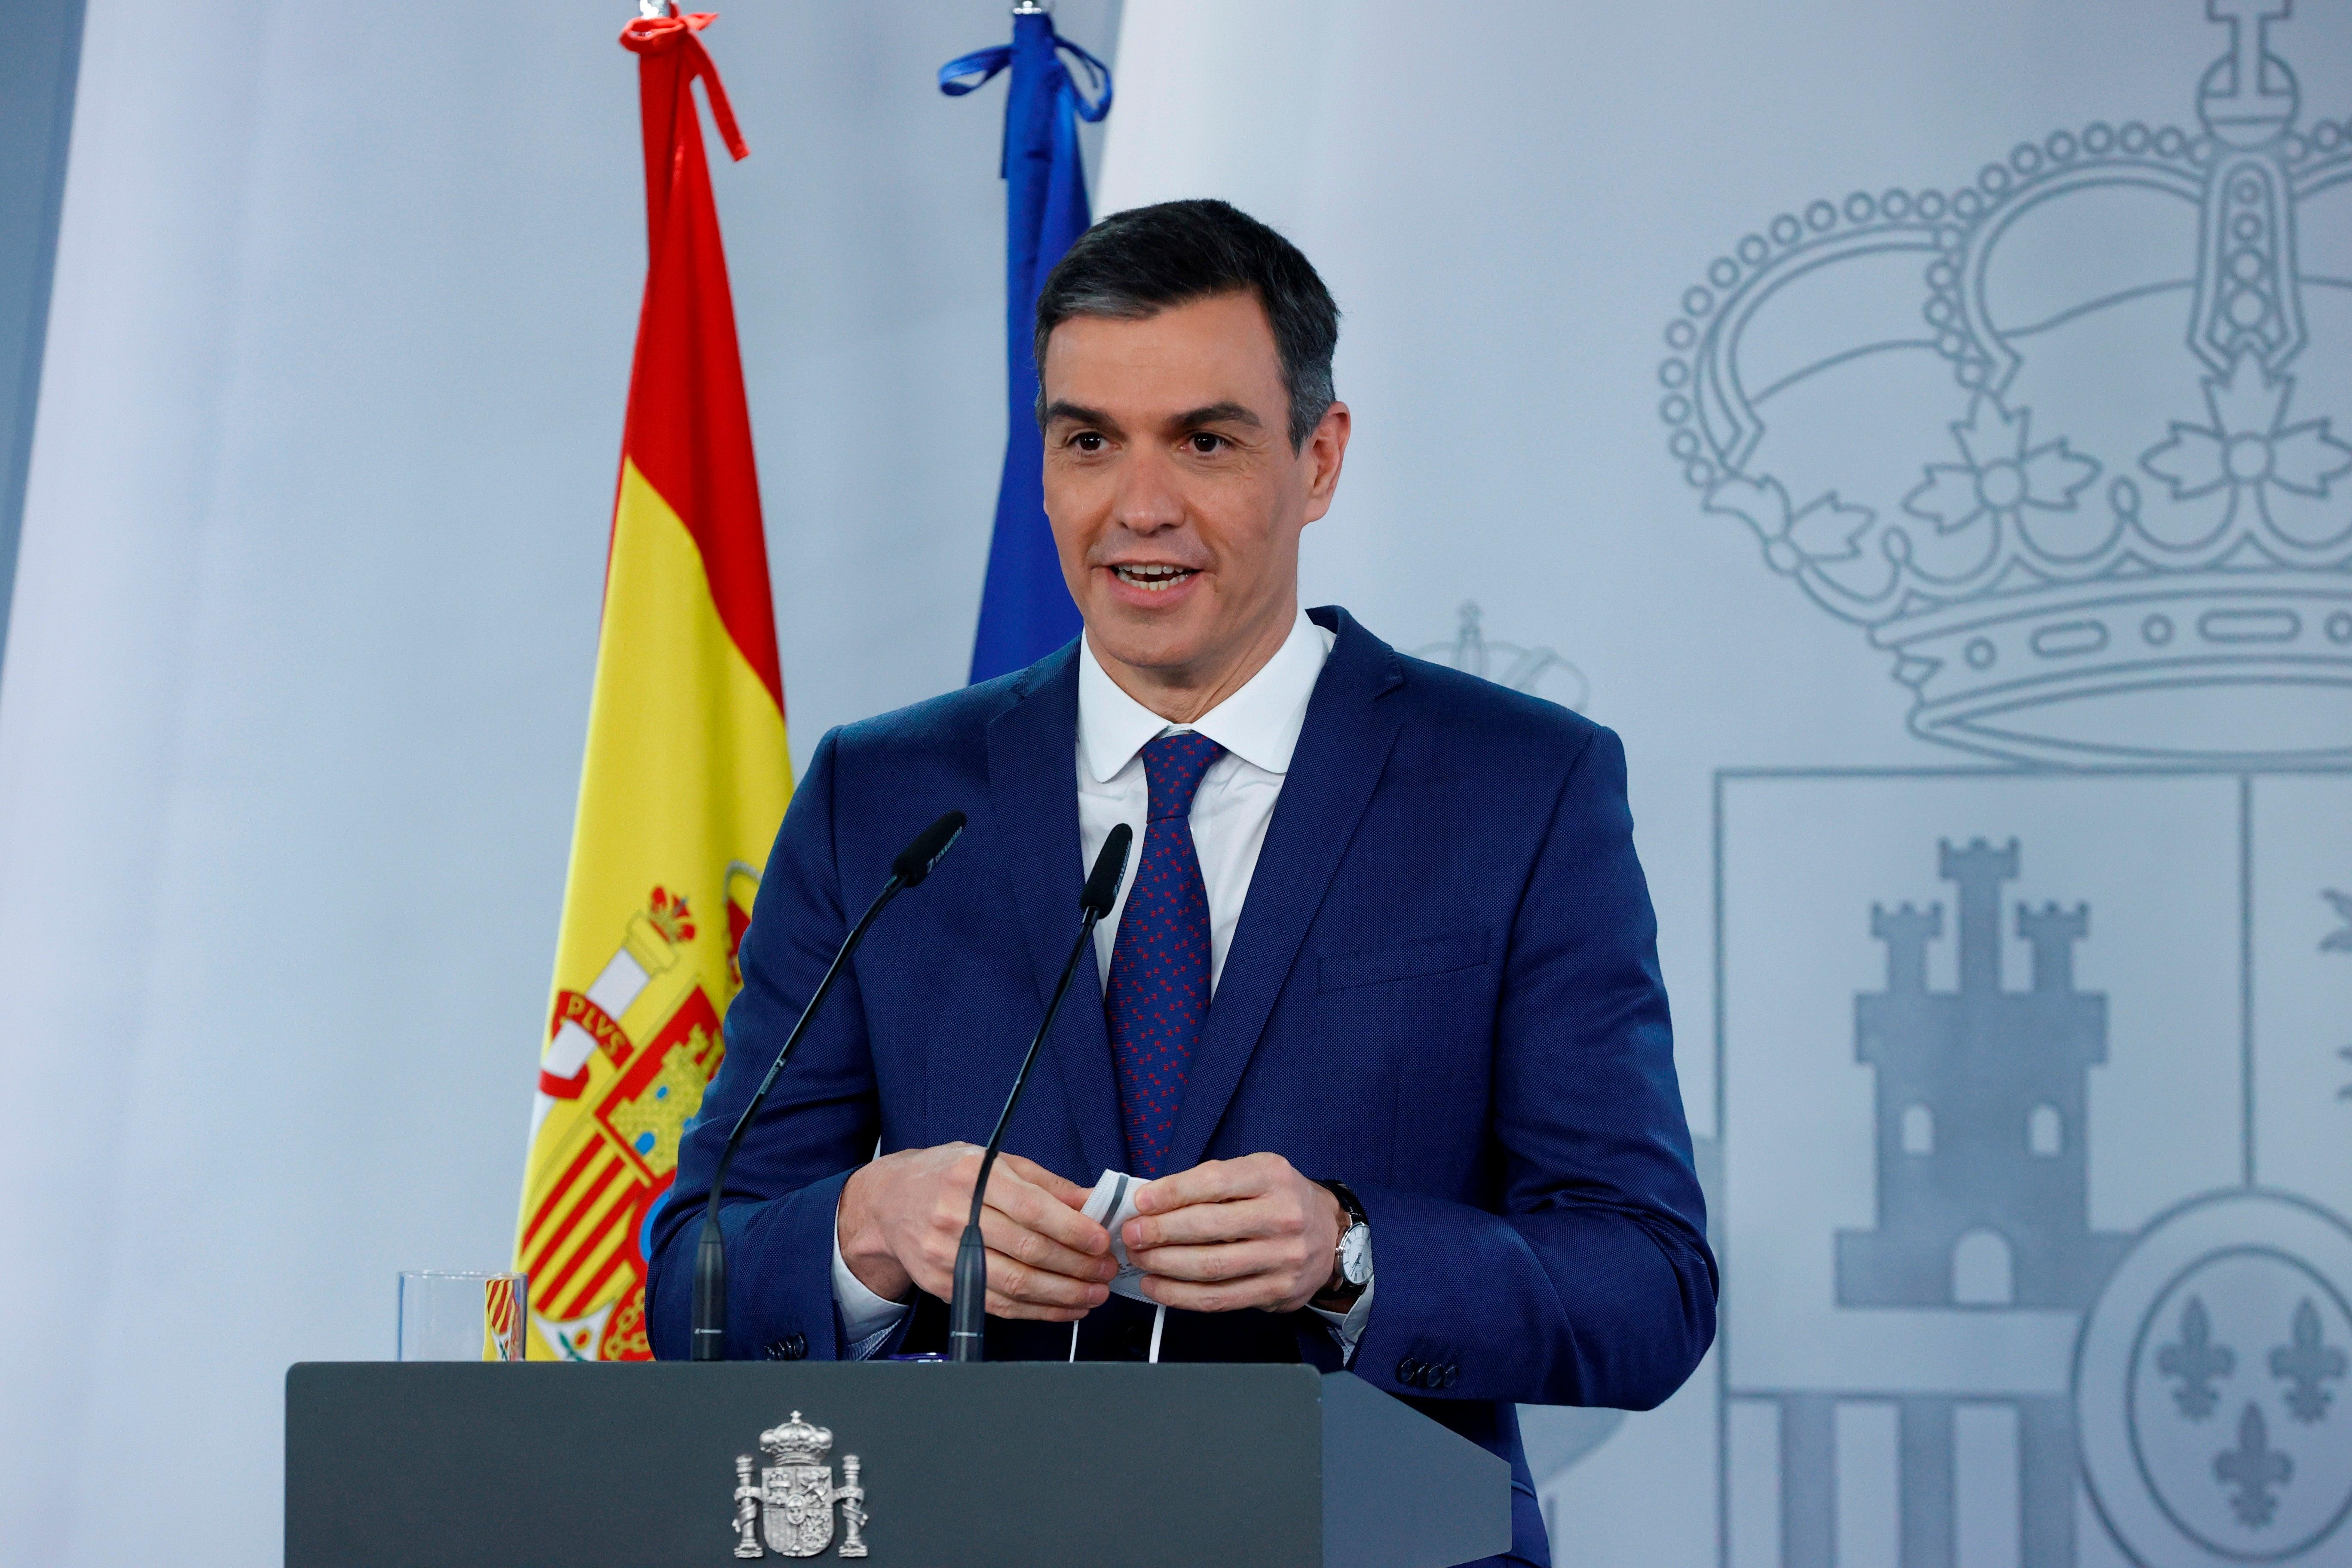 La prensa de hoy desgrana los planes de Pedro Sánchez a corto y medio plazo